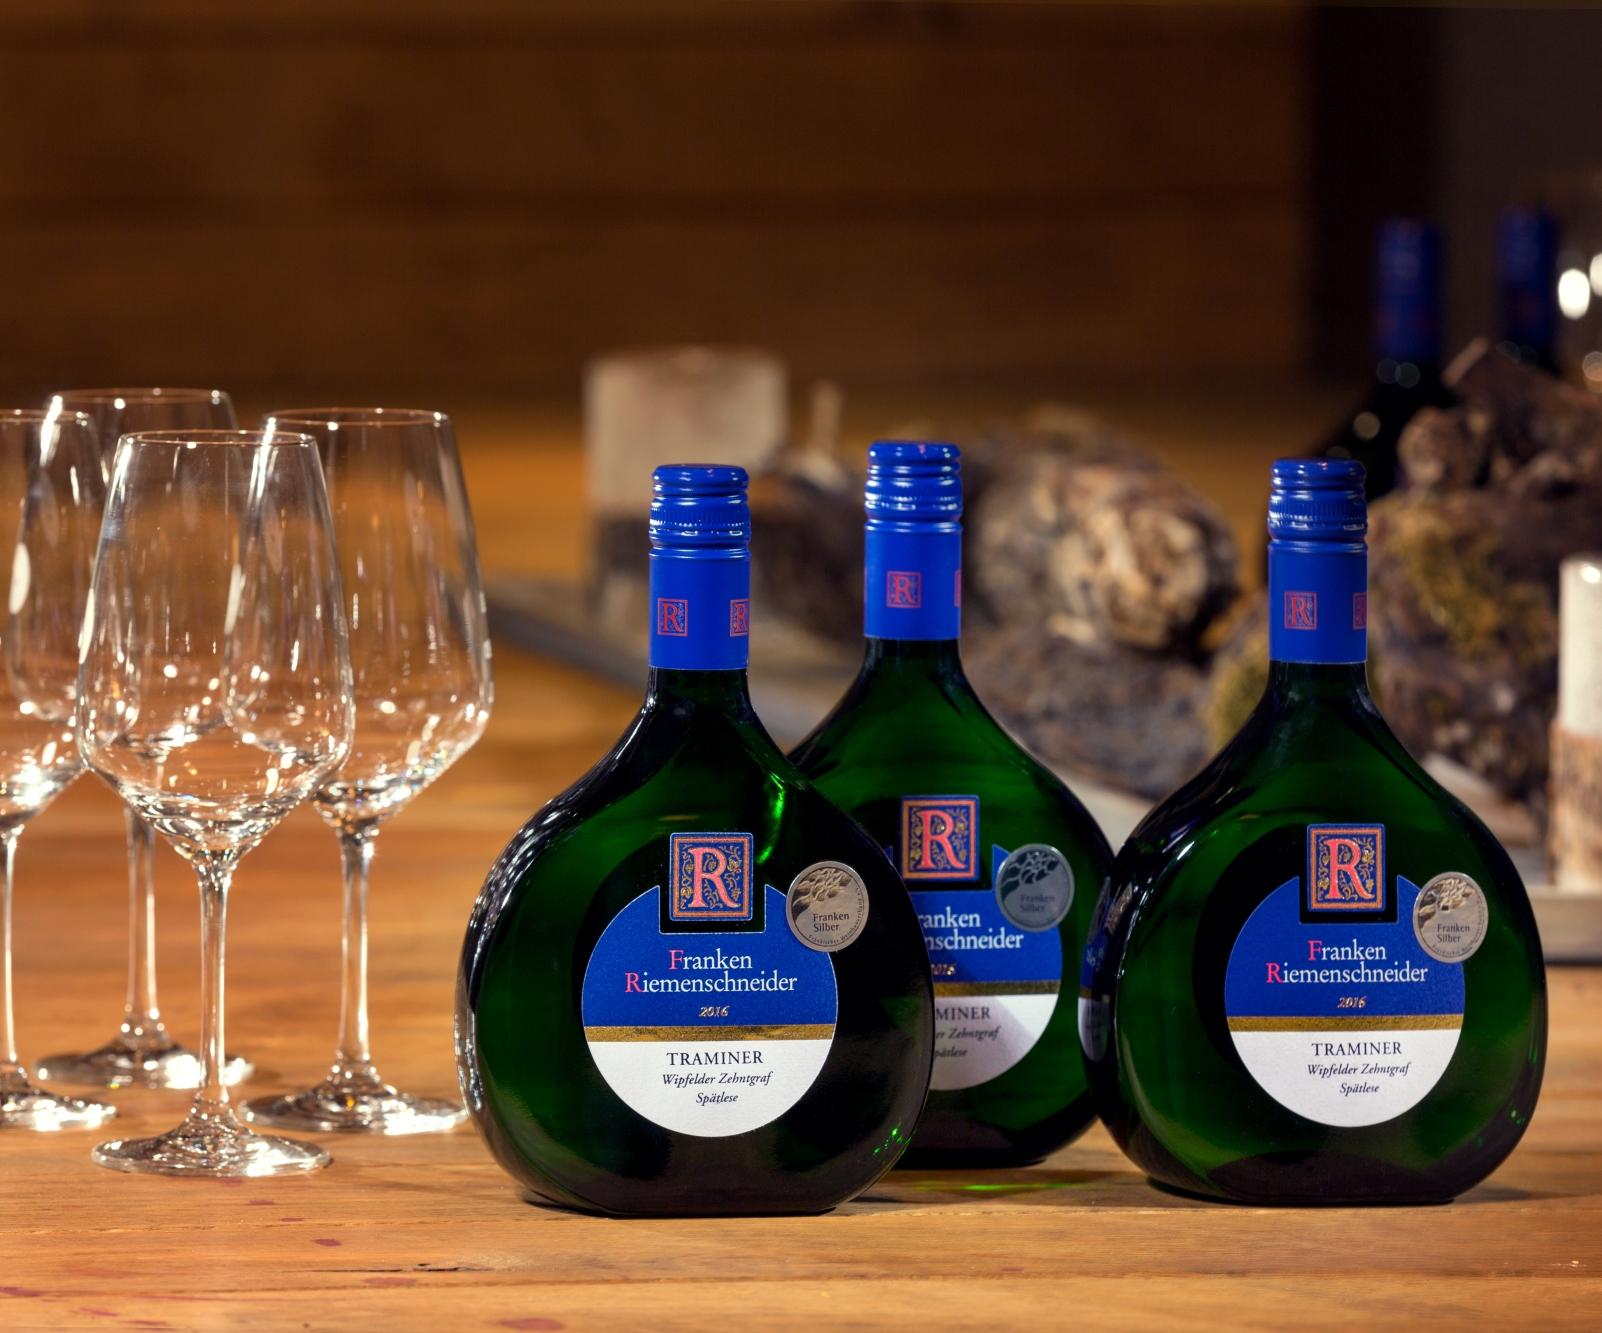 Blick auf ein Arrangement von Weinen zur Weinprobe in der GWF FrankenVinothek.